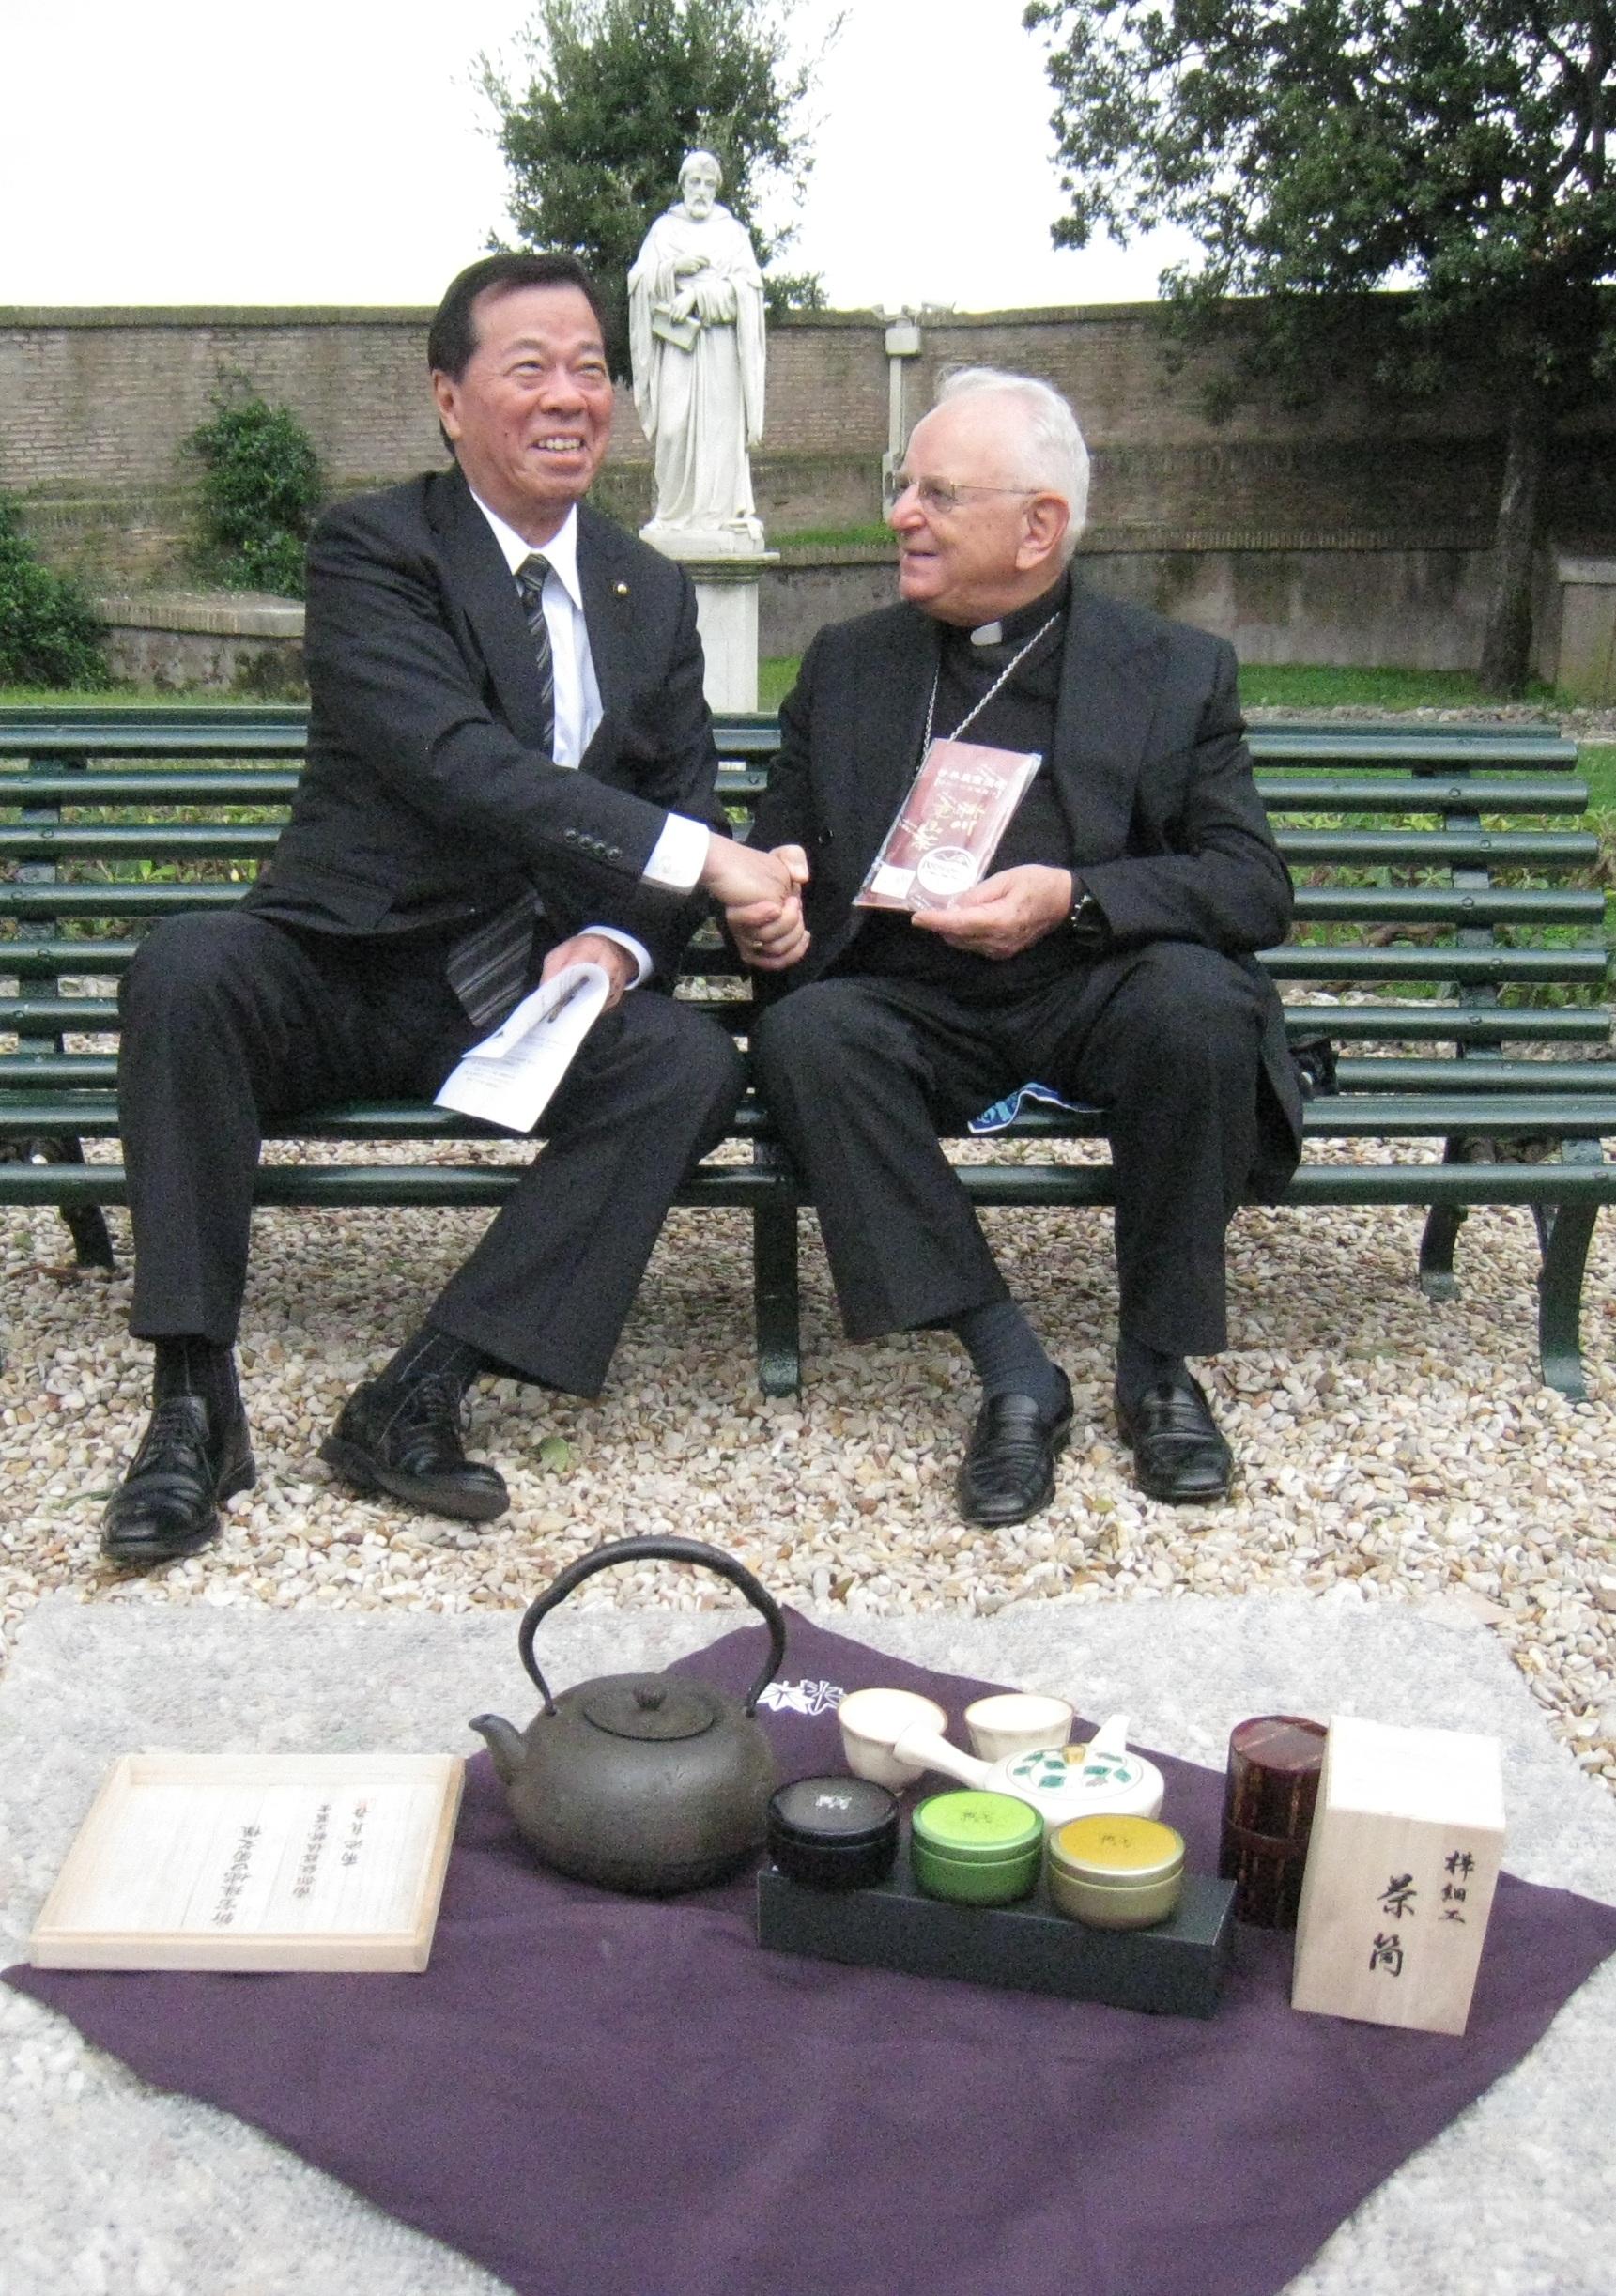 (写真提供:掛川市)バチカン市国の庭園で贈呈式が行われました